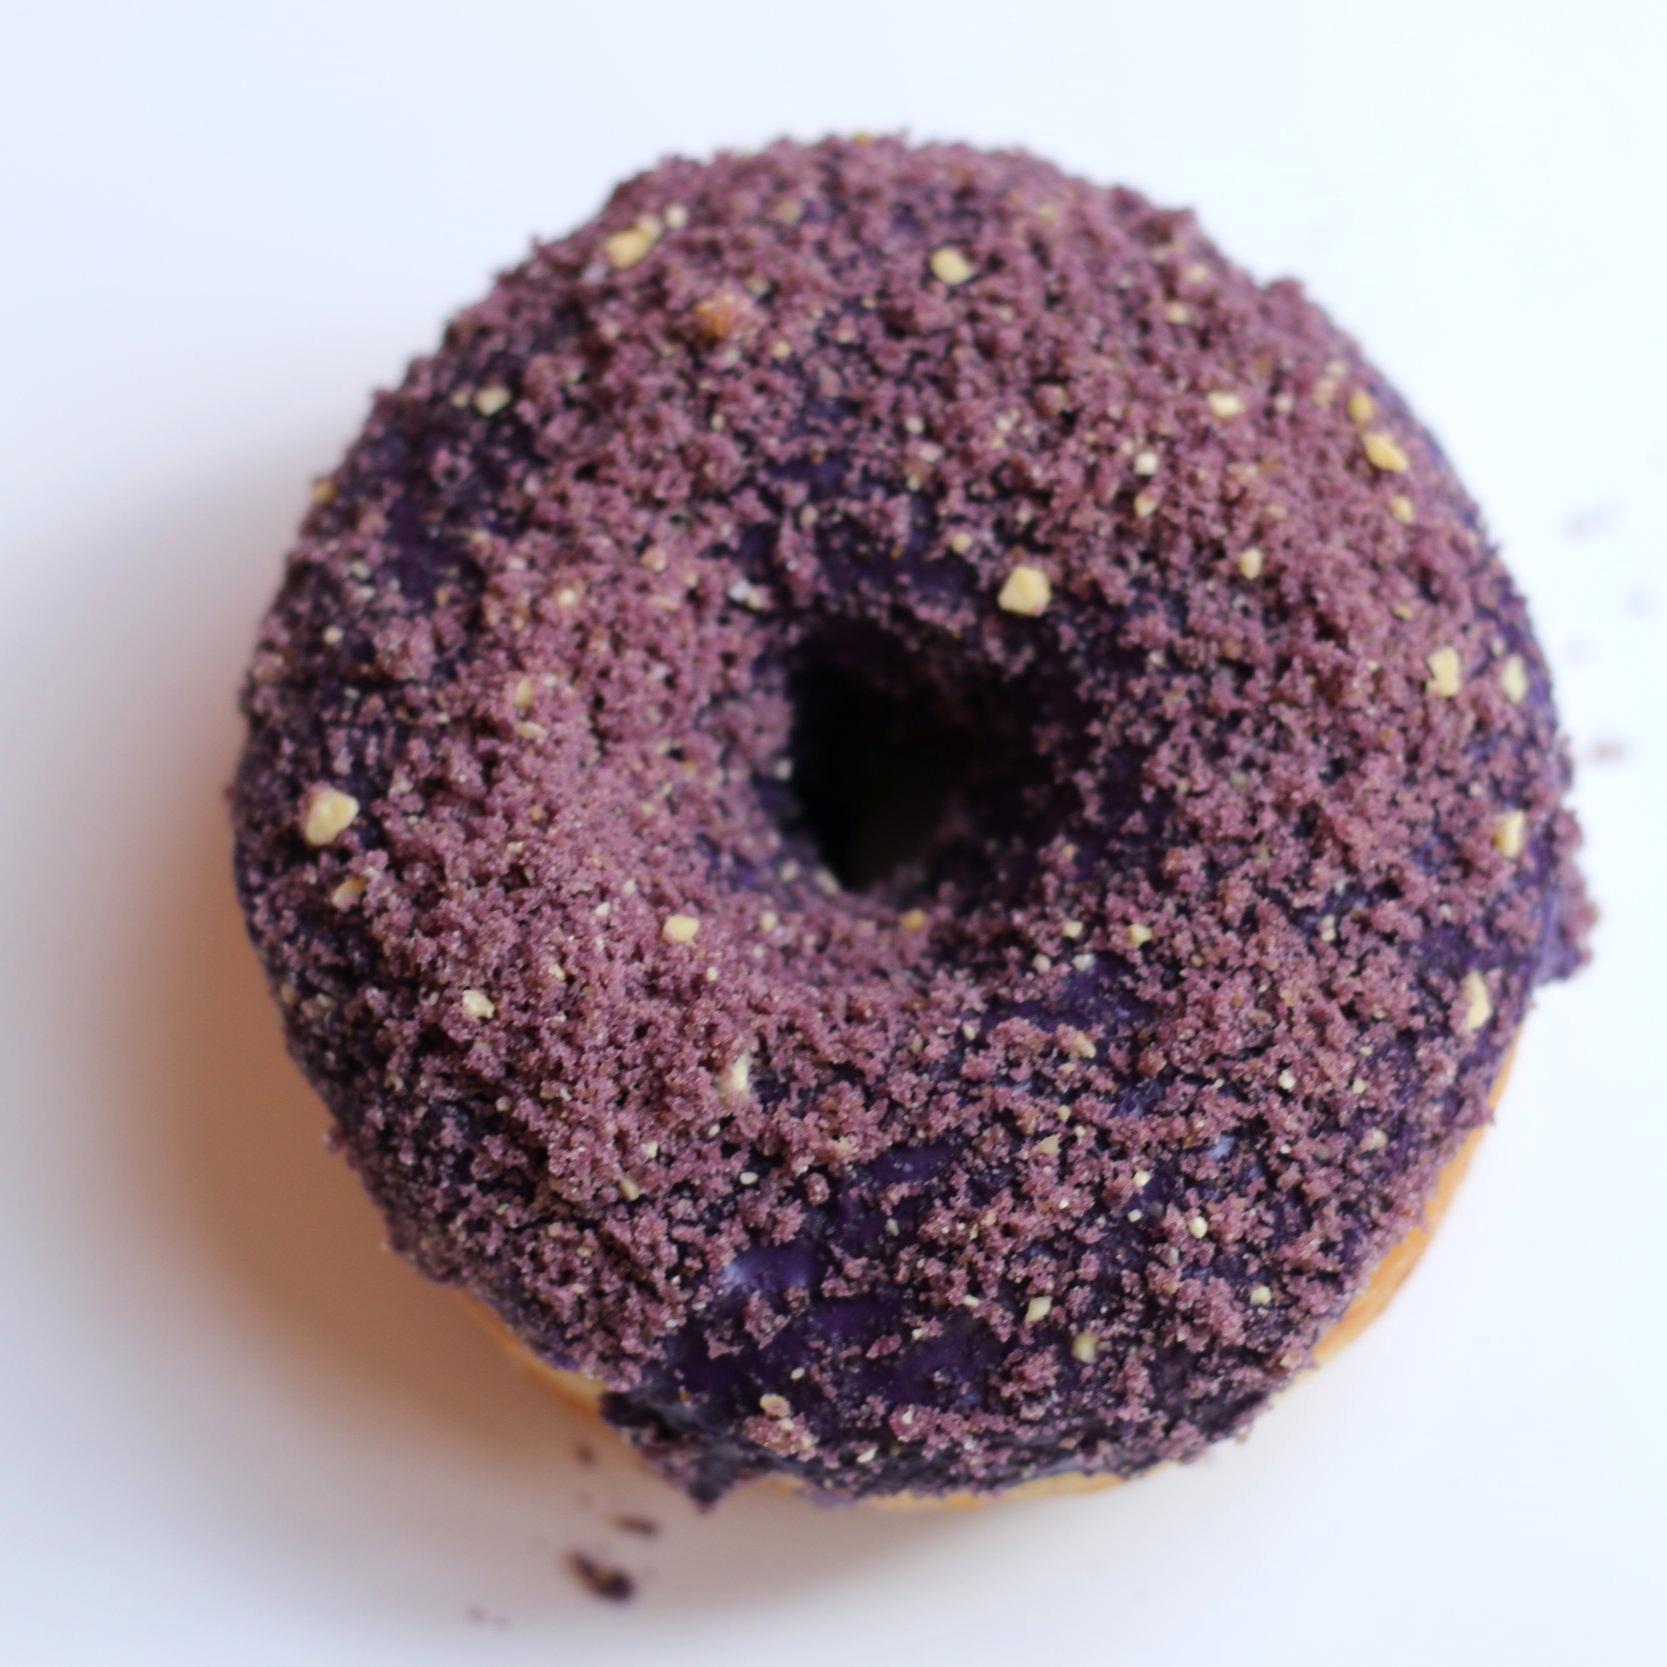 UBE (Purple yam)